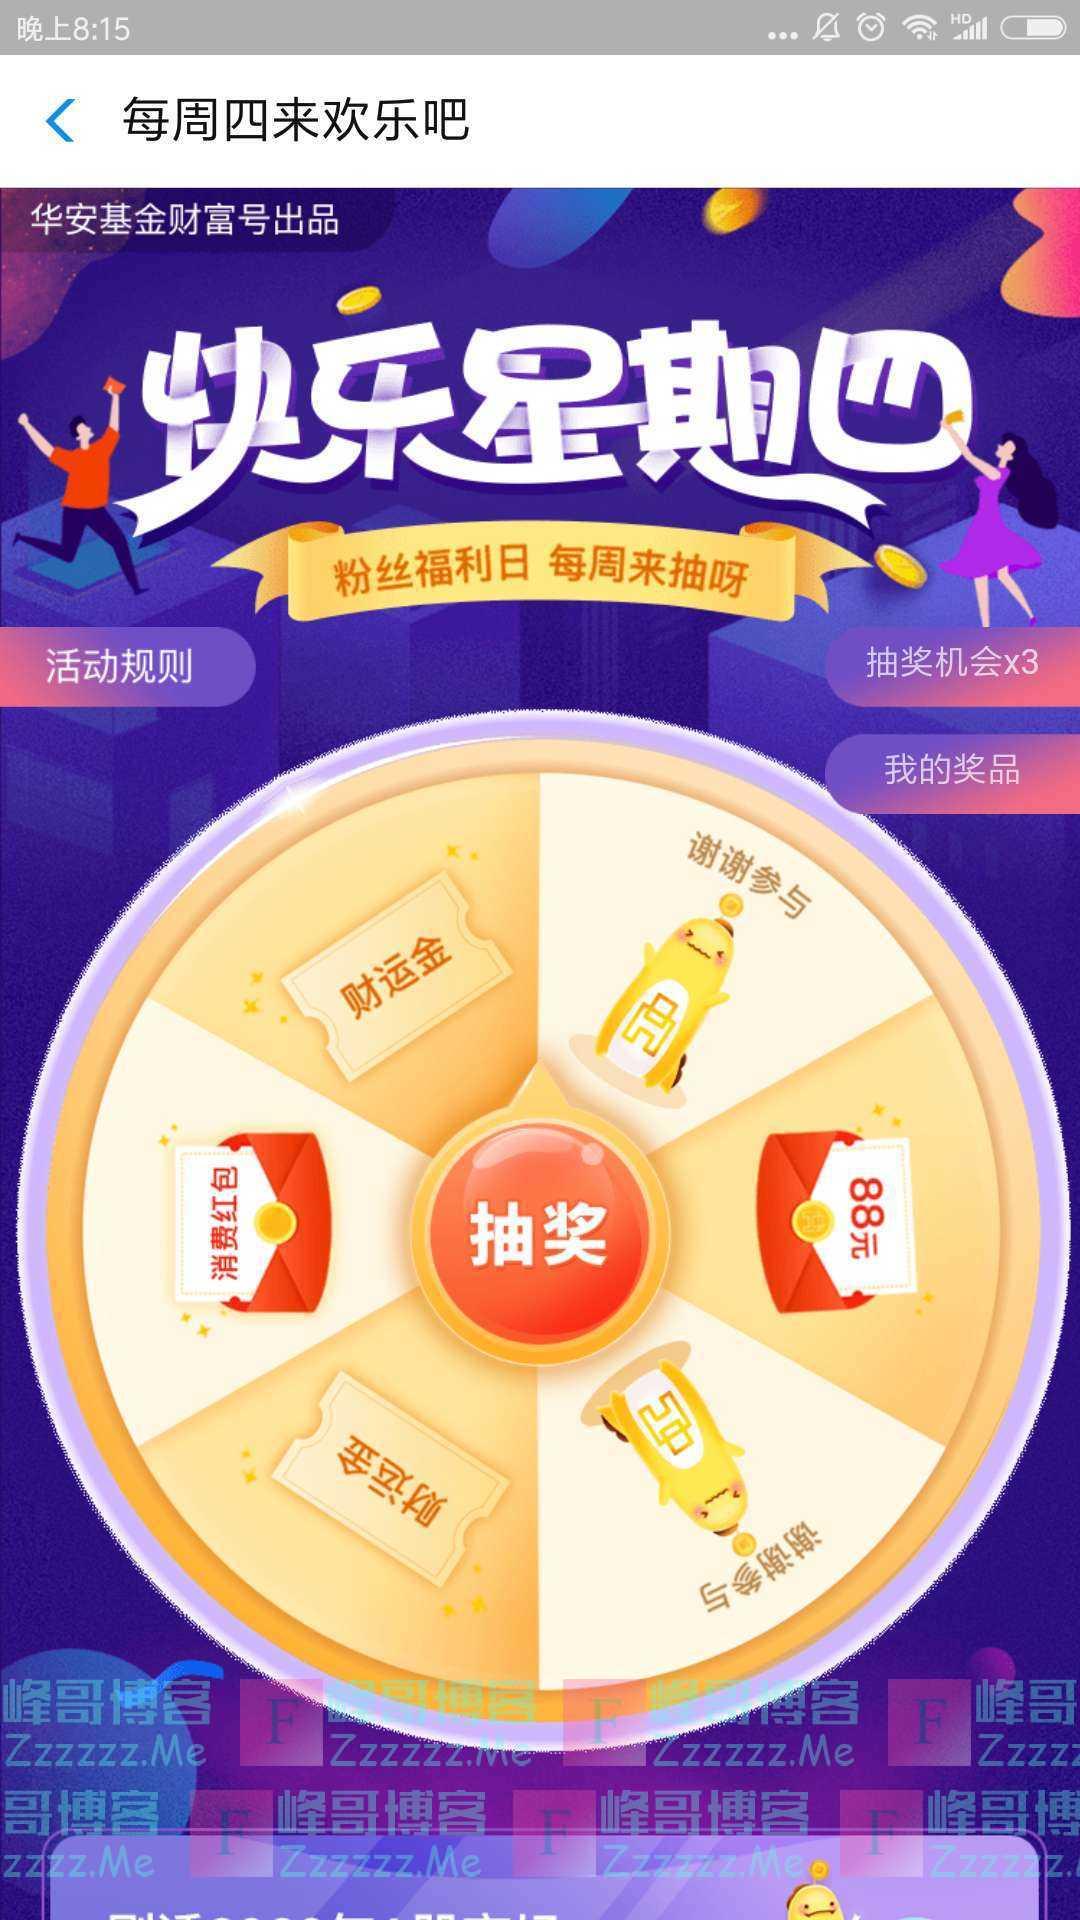 华安基金粉丝福利日(截止3月26日)